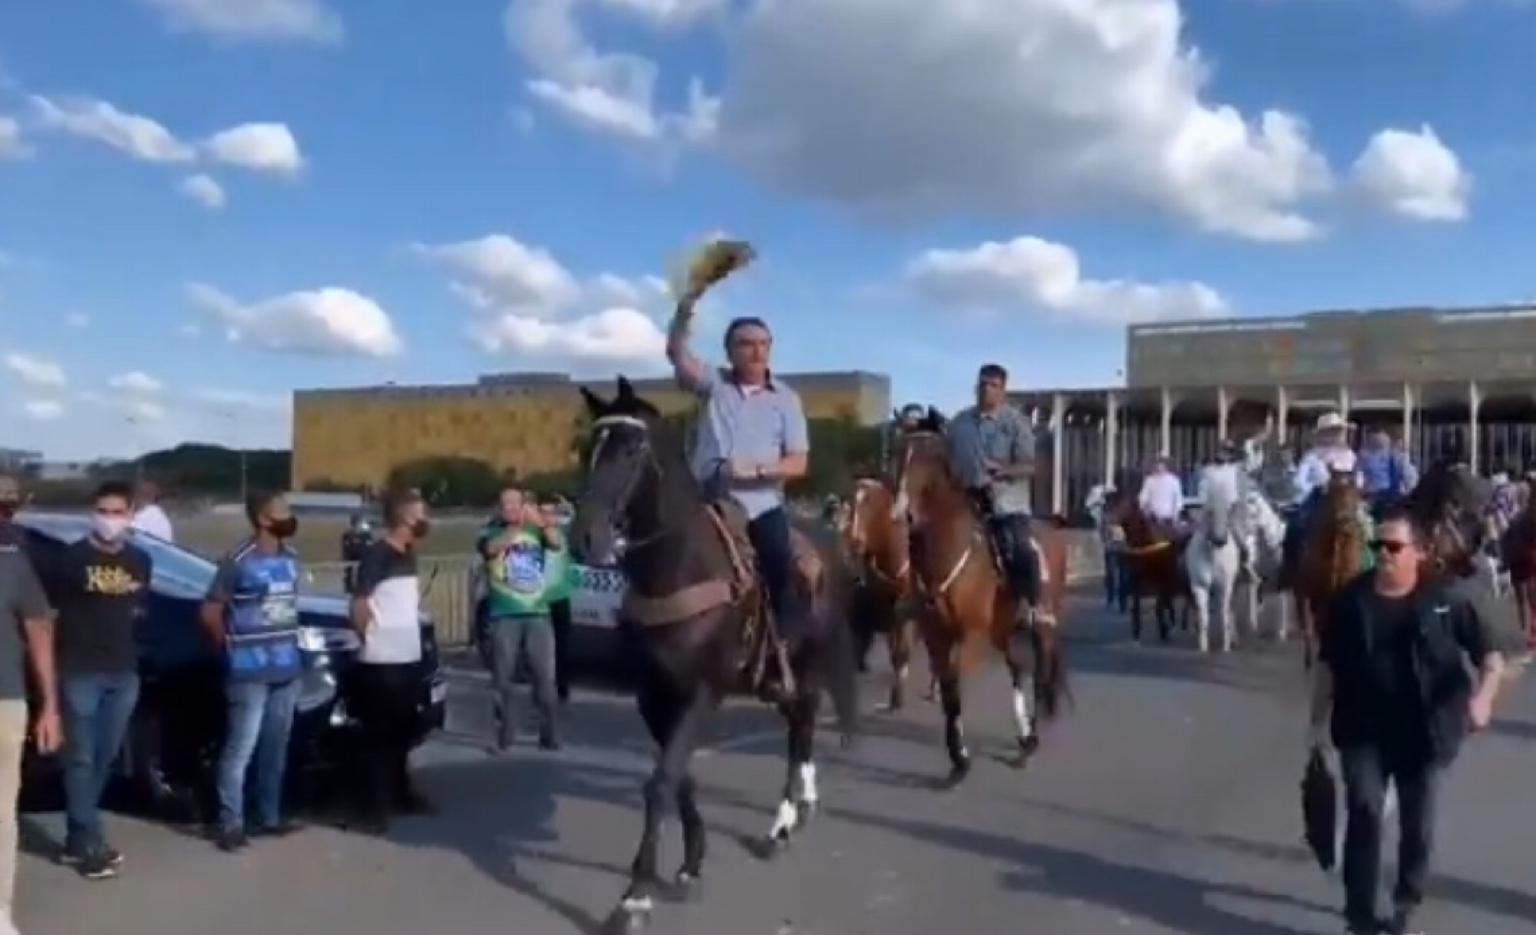 Em vídeo, Bolsonaro chega a cavalo em manifestação de ruralistas e volta a provocar aglomeração